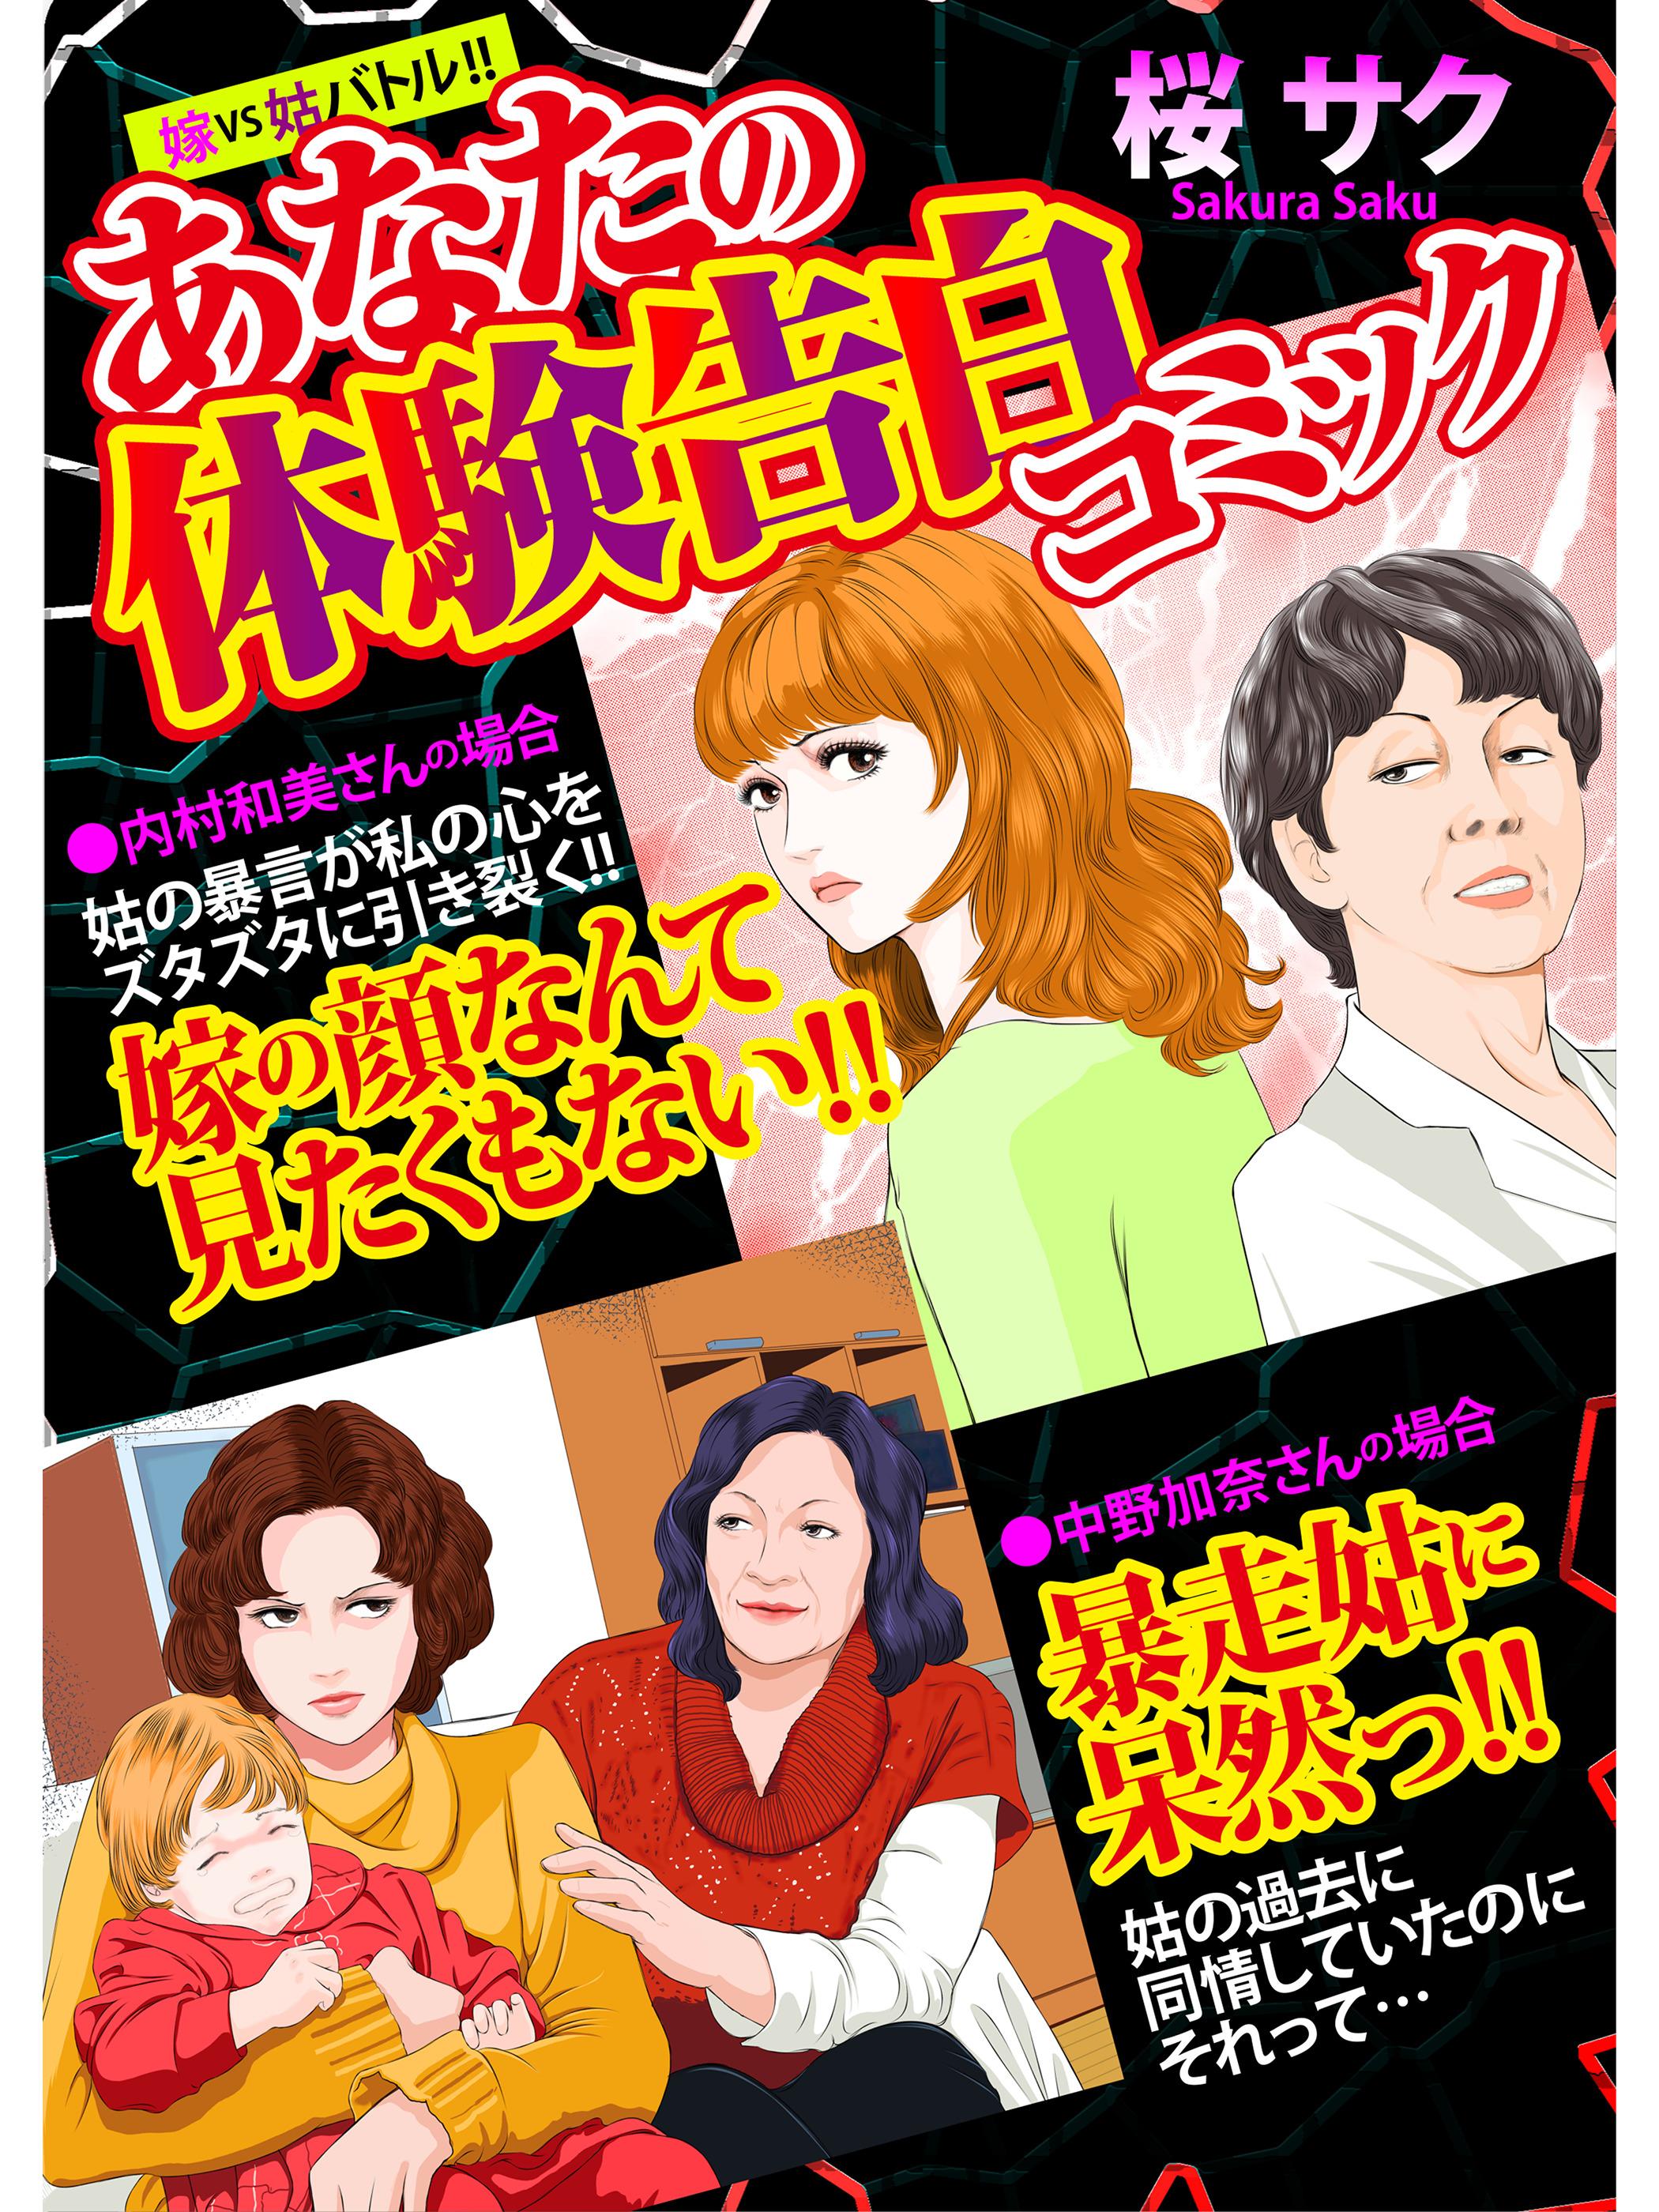 嫁VS姑バトル!!あなたの体験告白コミック(第1巻)